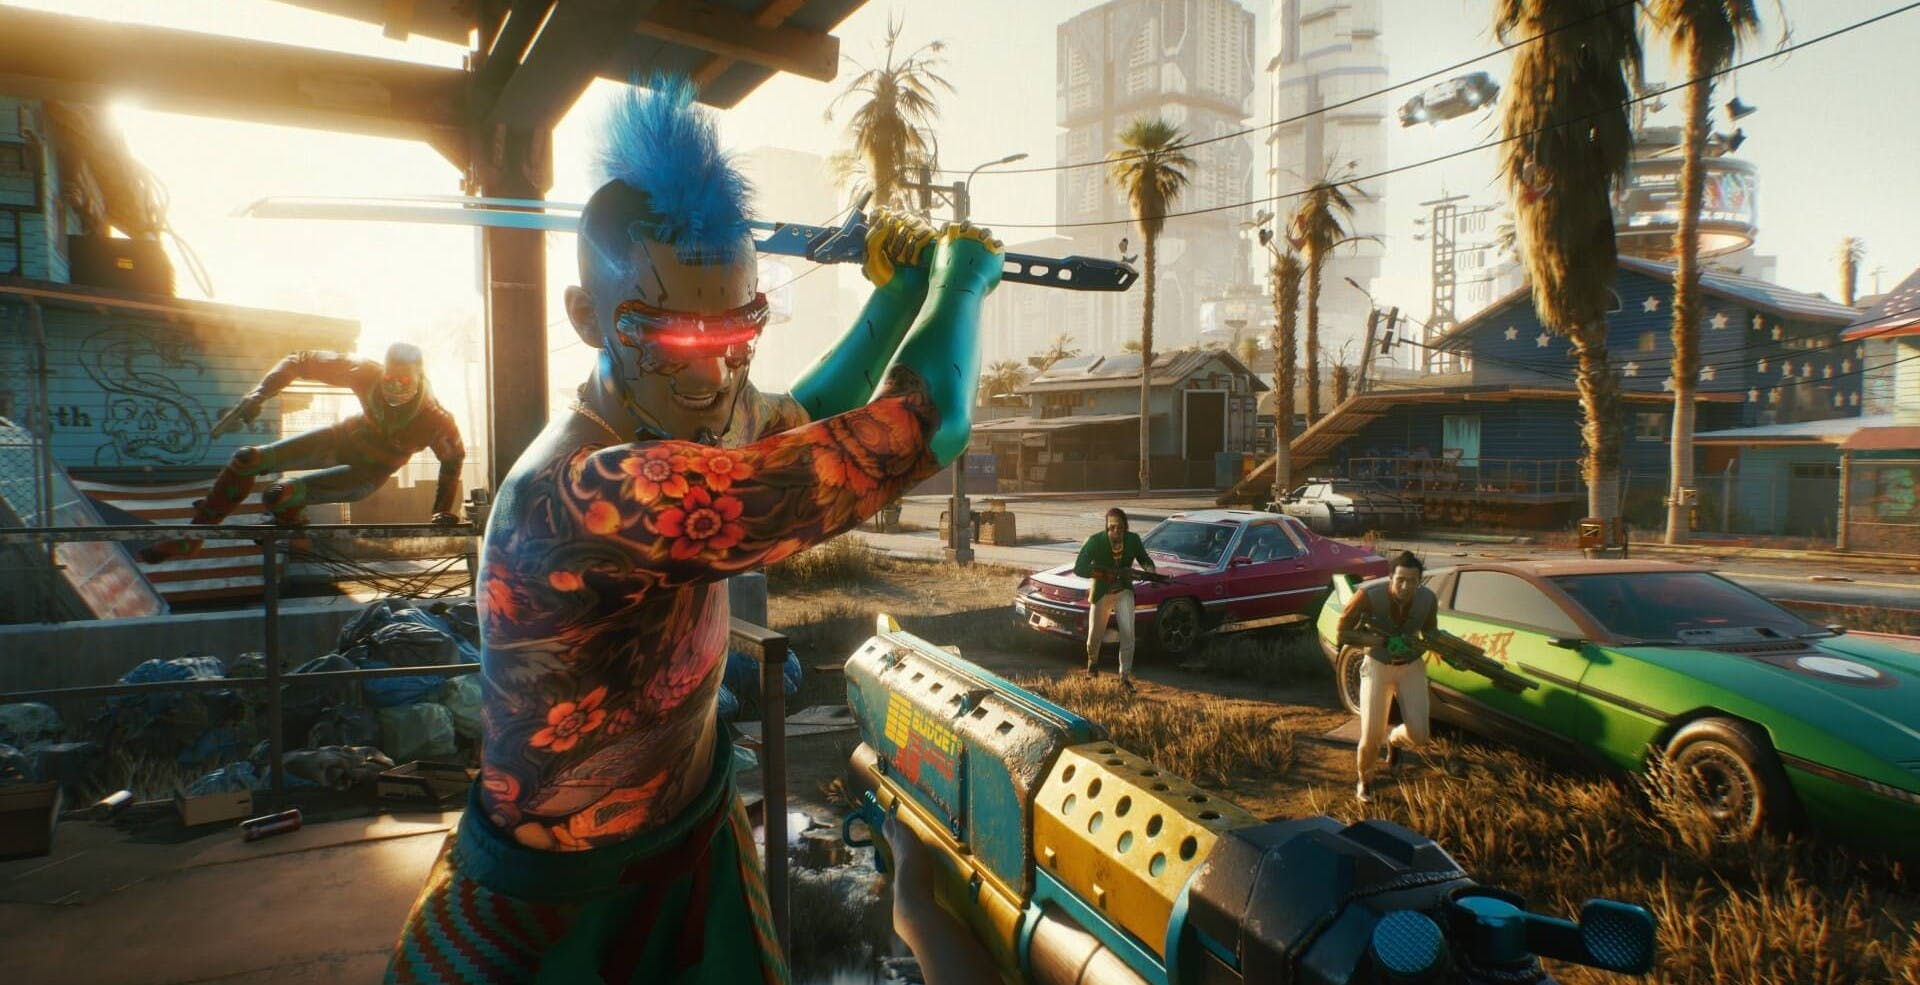 In nove giorni sul PlayStation Store, Cyberpunk 2077 è stato il gioco più scaricato di giugno su PS4